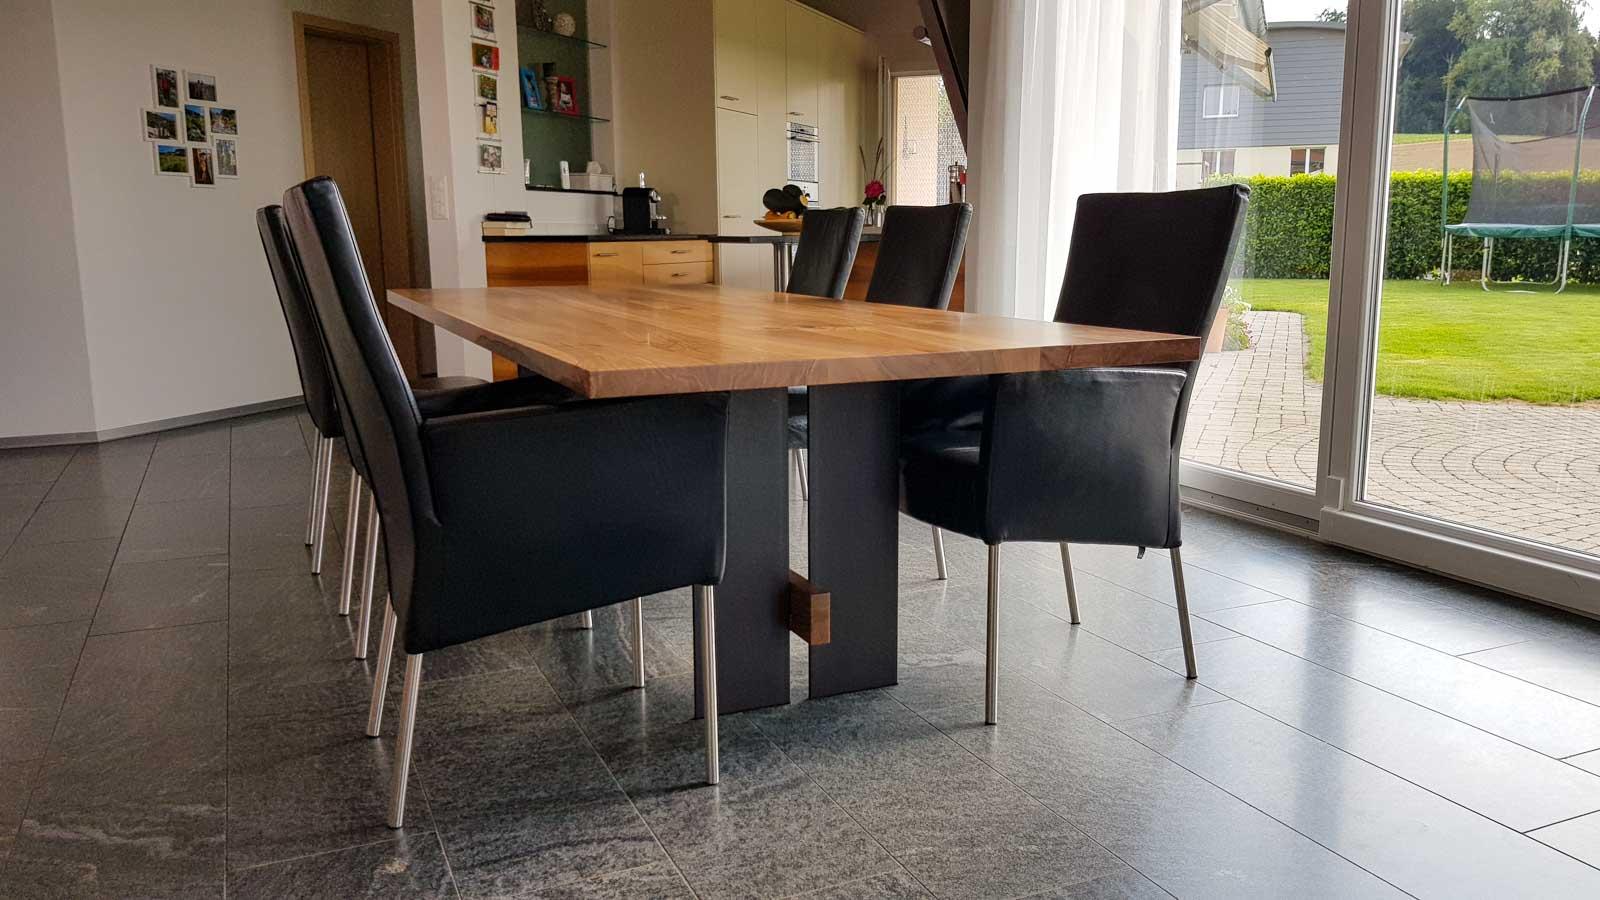 Wooddesign_Tisch_Eiche massiv_Schwarzstahl_Beine innen_Taverse (3)